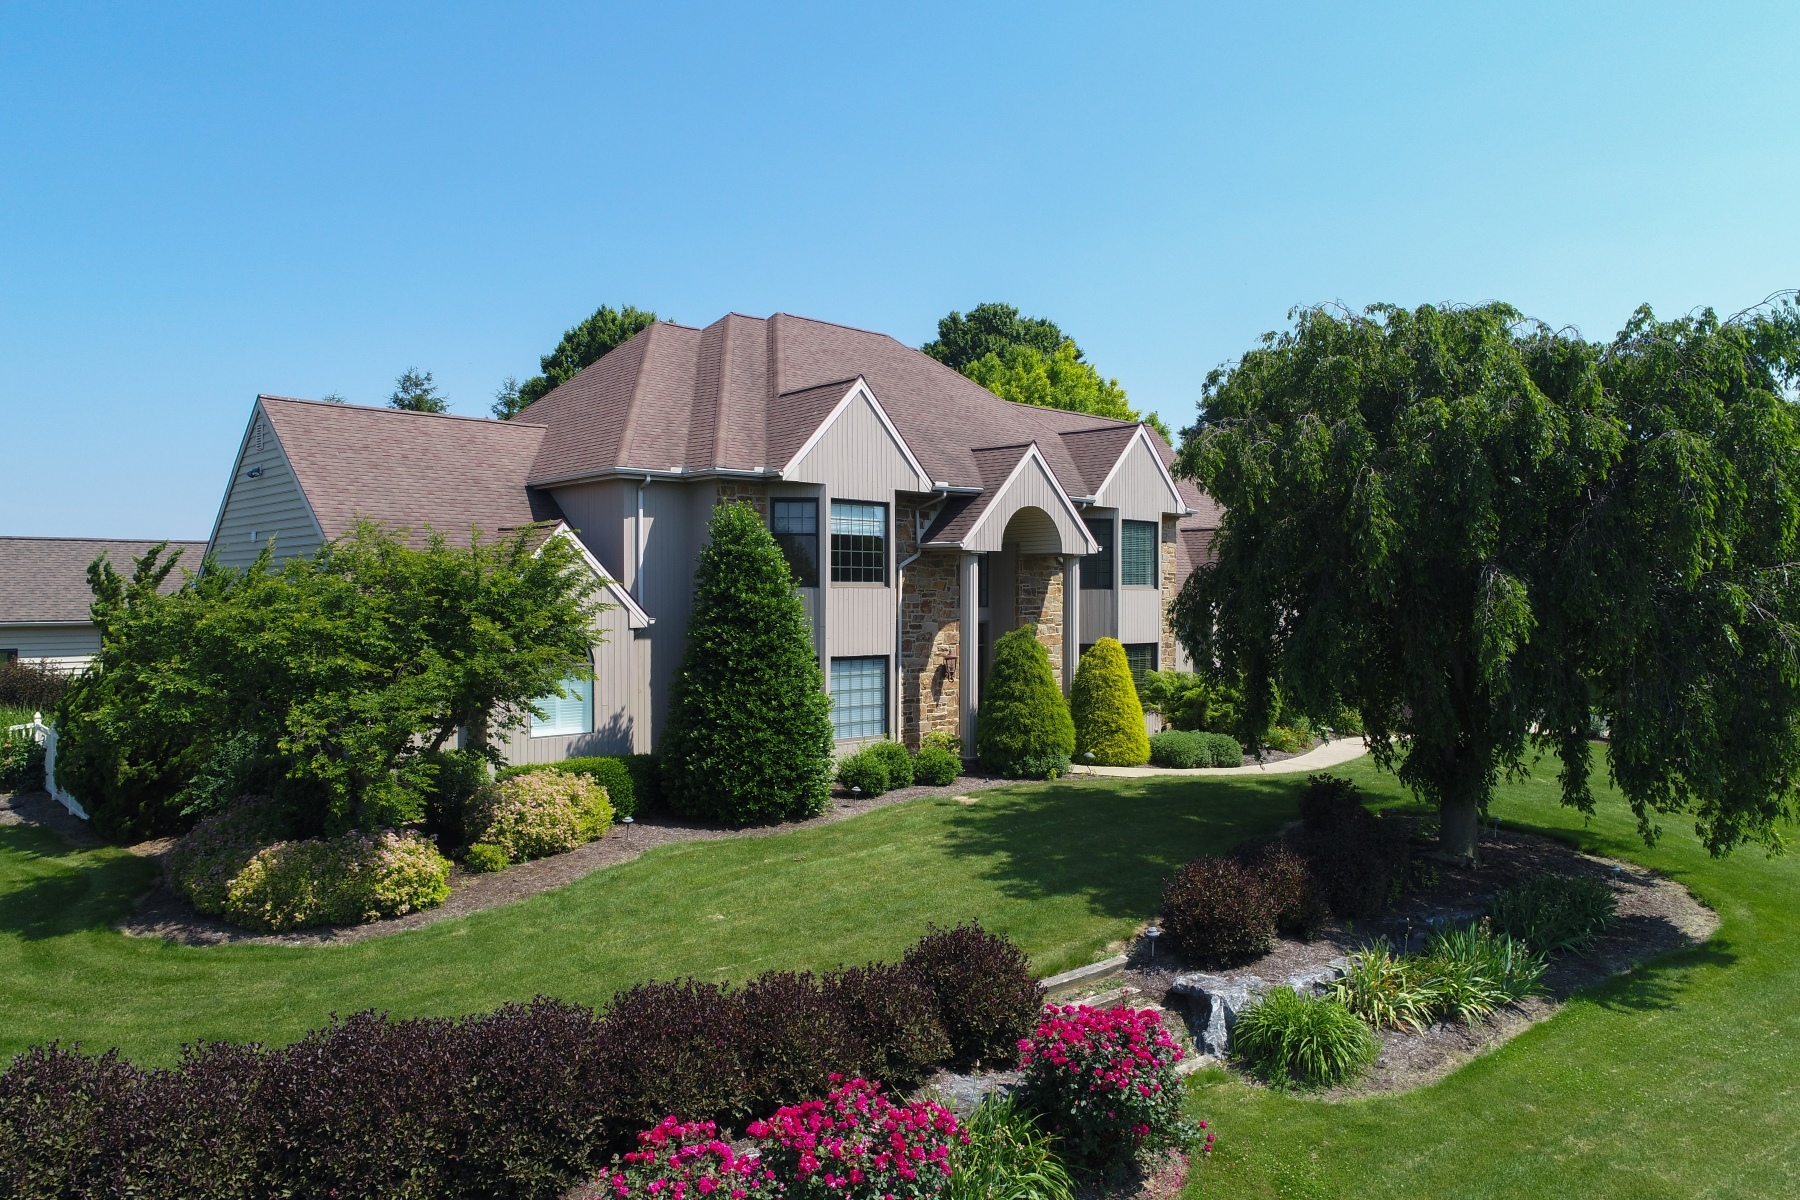 Casa Unifamiliar por un Venta en 895 Long Road Manheim, Pennsylvania 17545 Estados Unidos